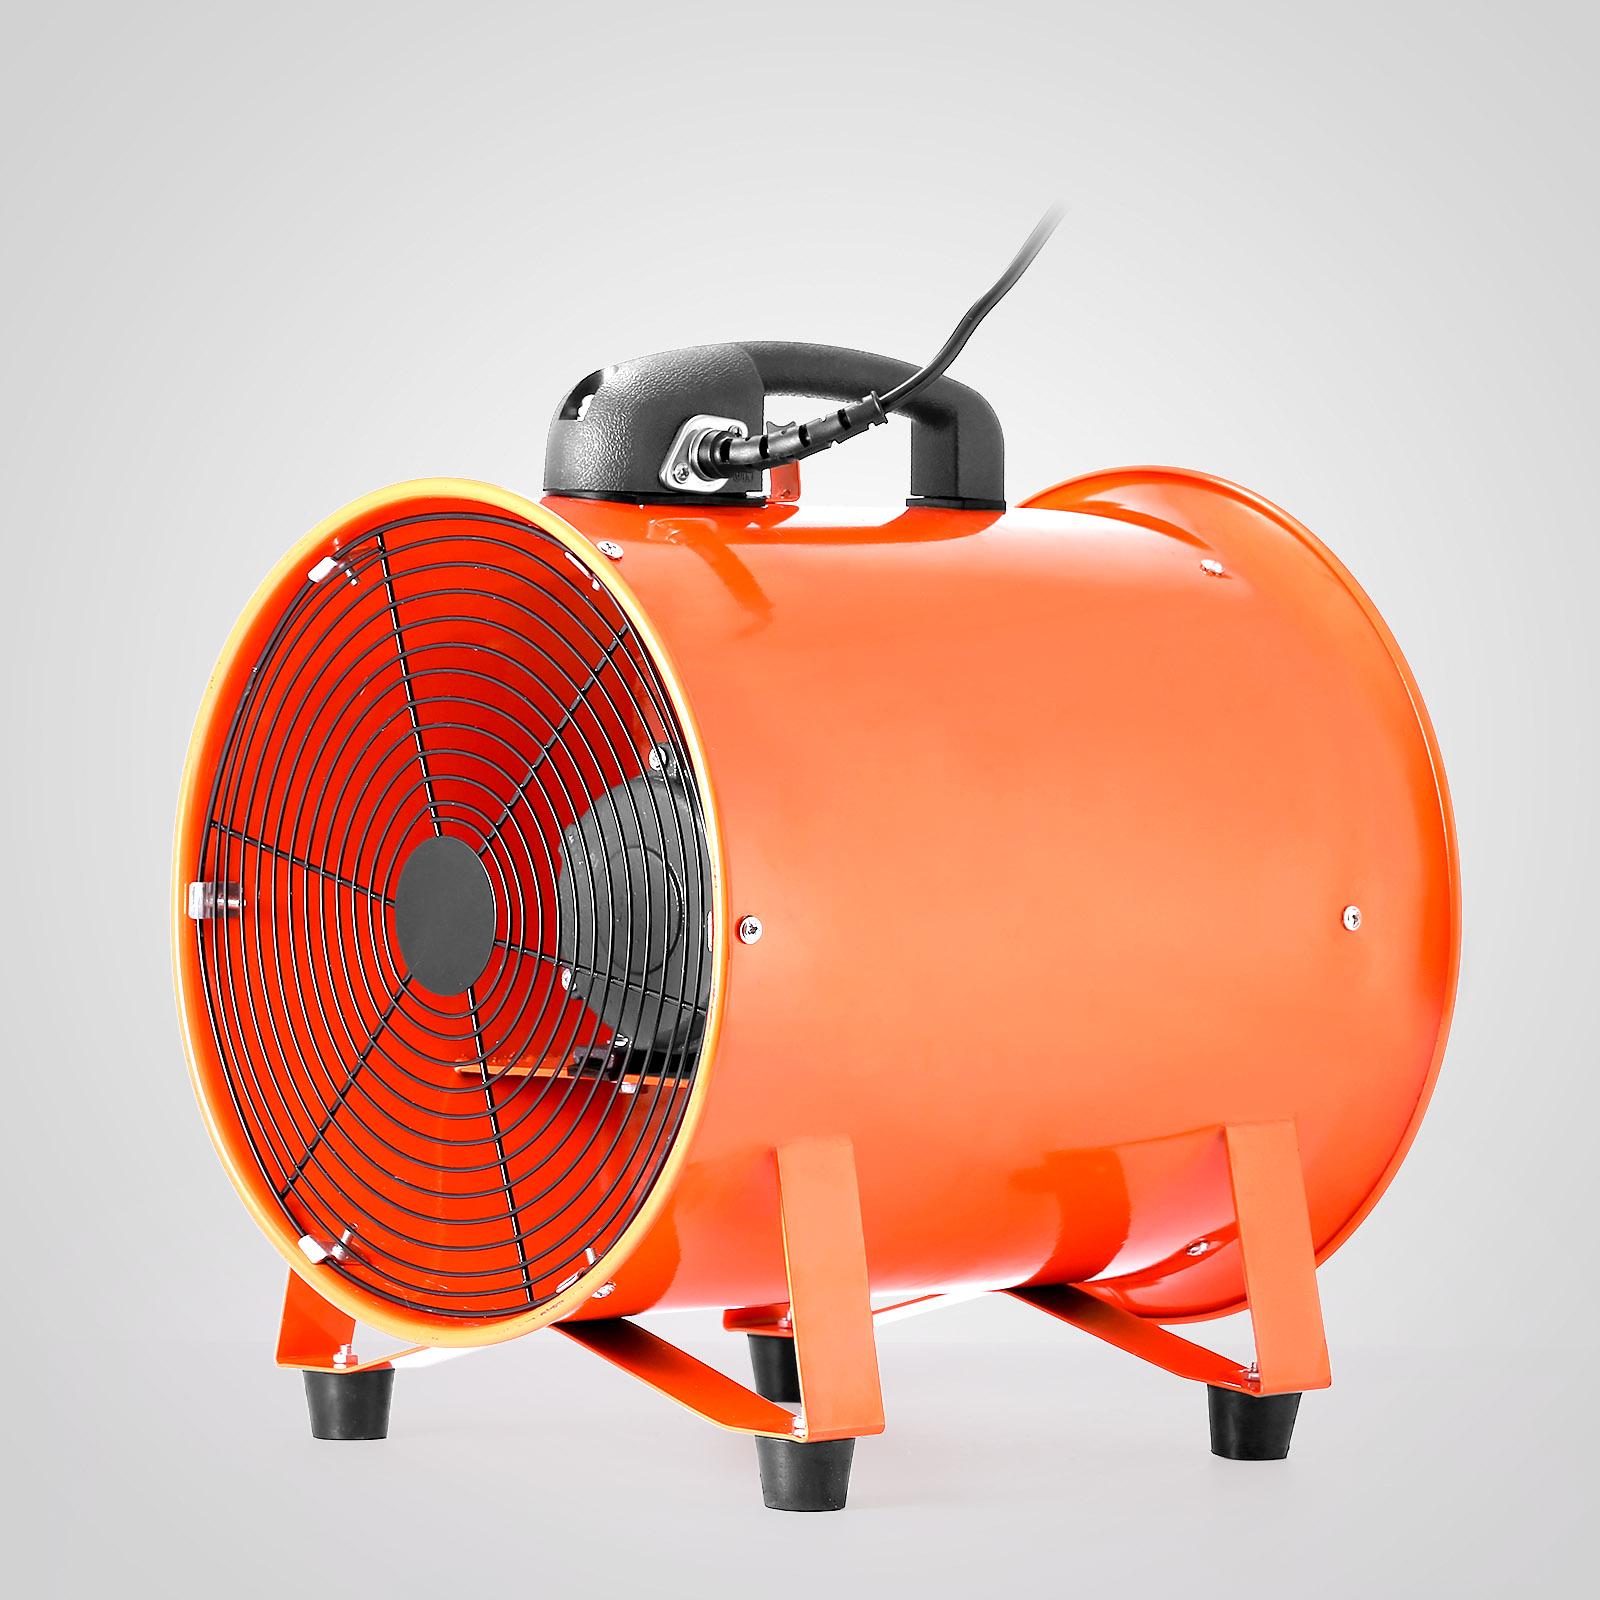 Hydraulic Blower Fans : Mm industrial fan ventilator fume extractor blower